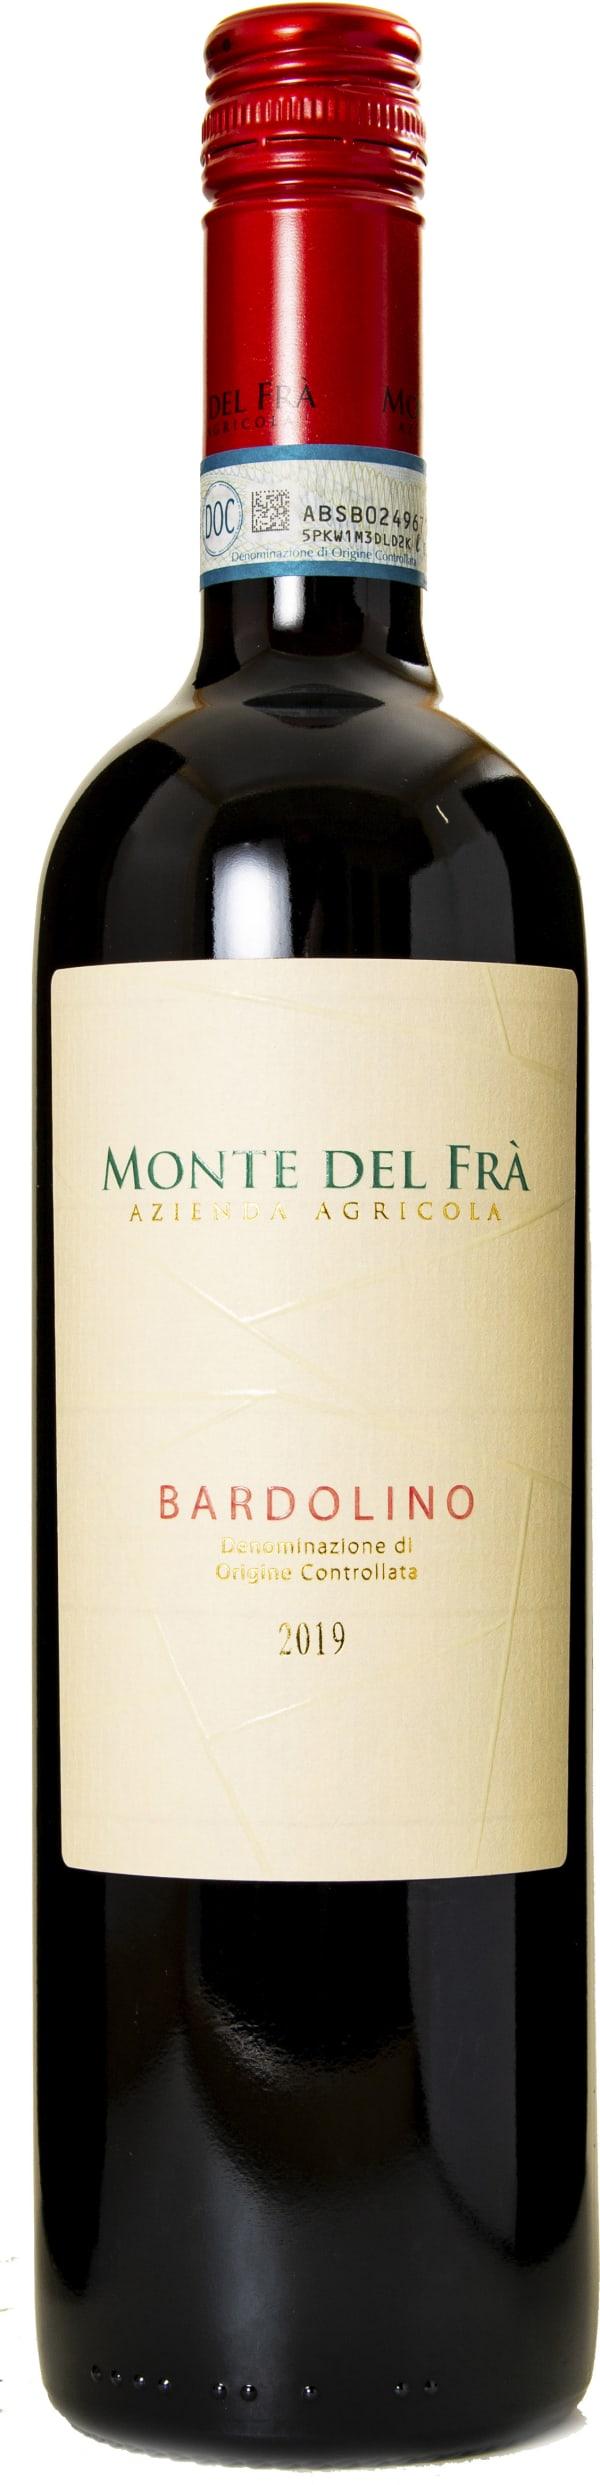 Monte Del Frá Bardolino 2019